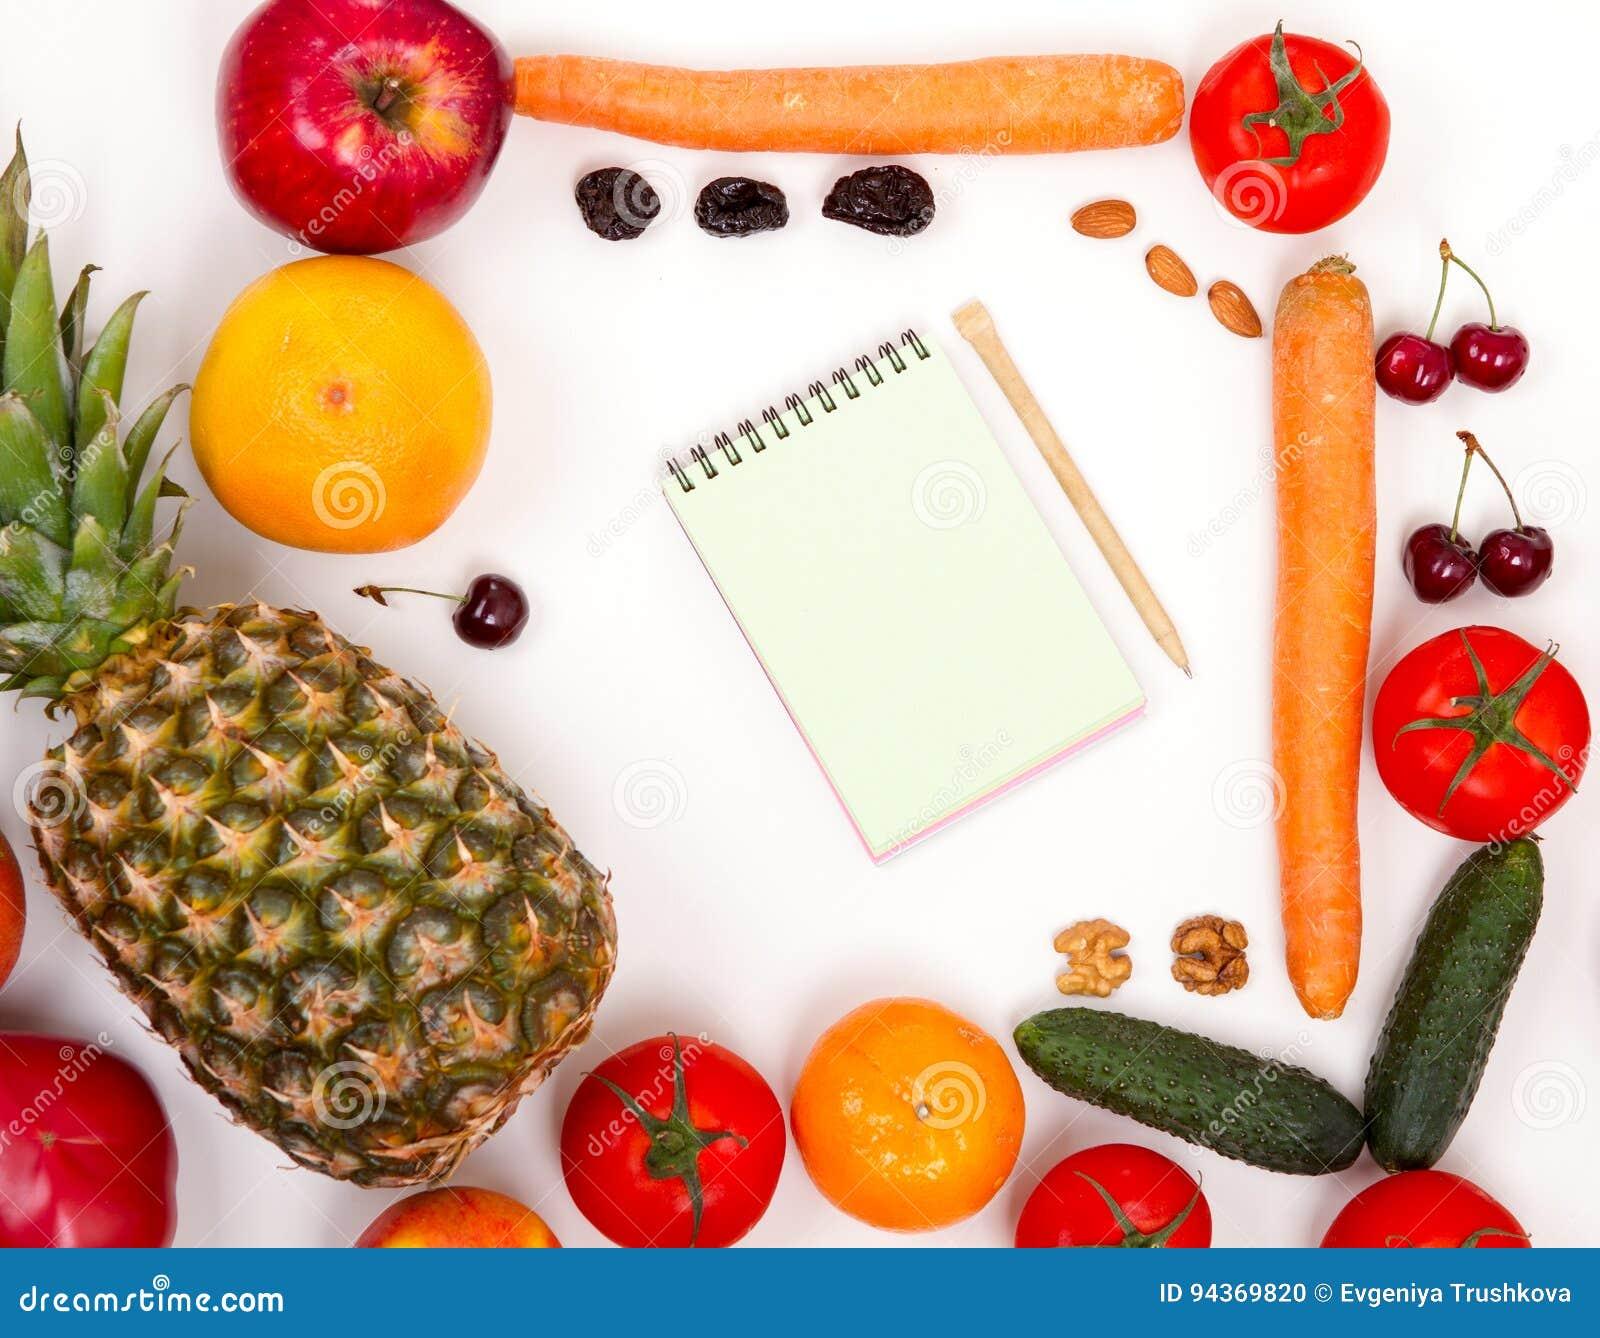 Notizbuch mit Obst und Gemüse